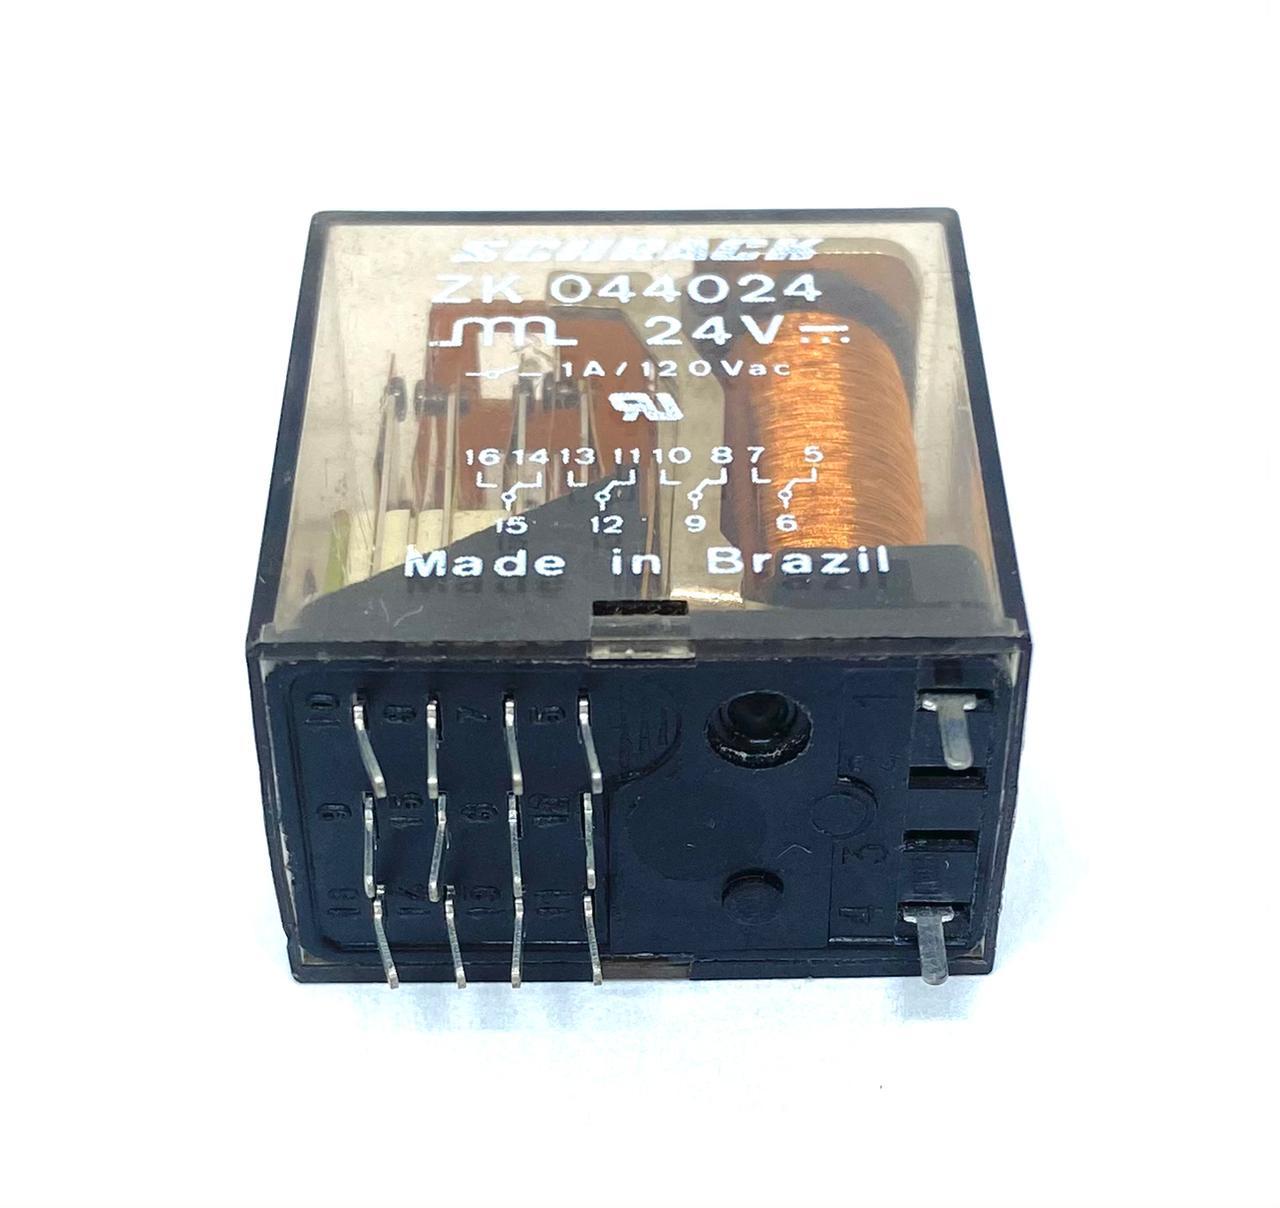 RELE ZK044.024 24VDC SCHRACK (ZK044024)